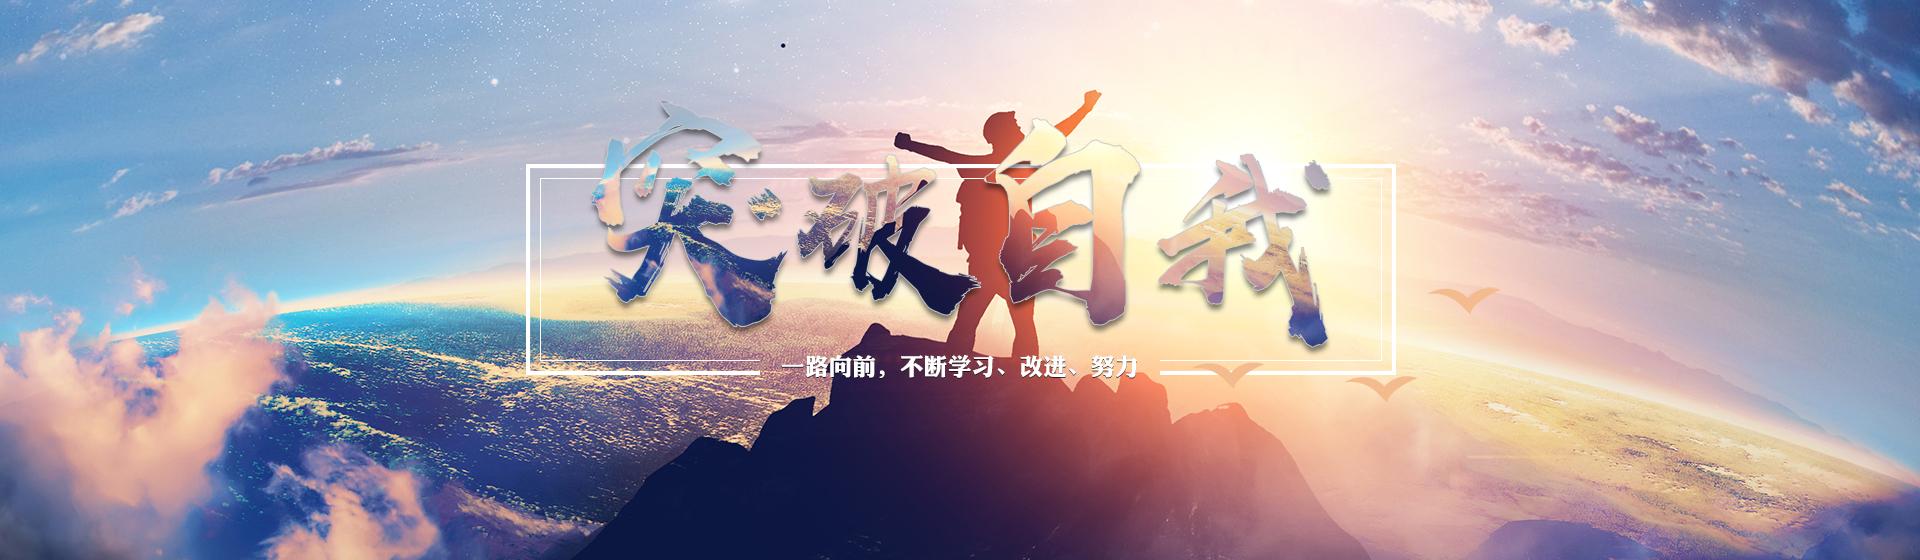 贵州矿业权资产评估公司